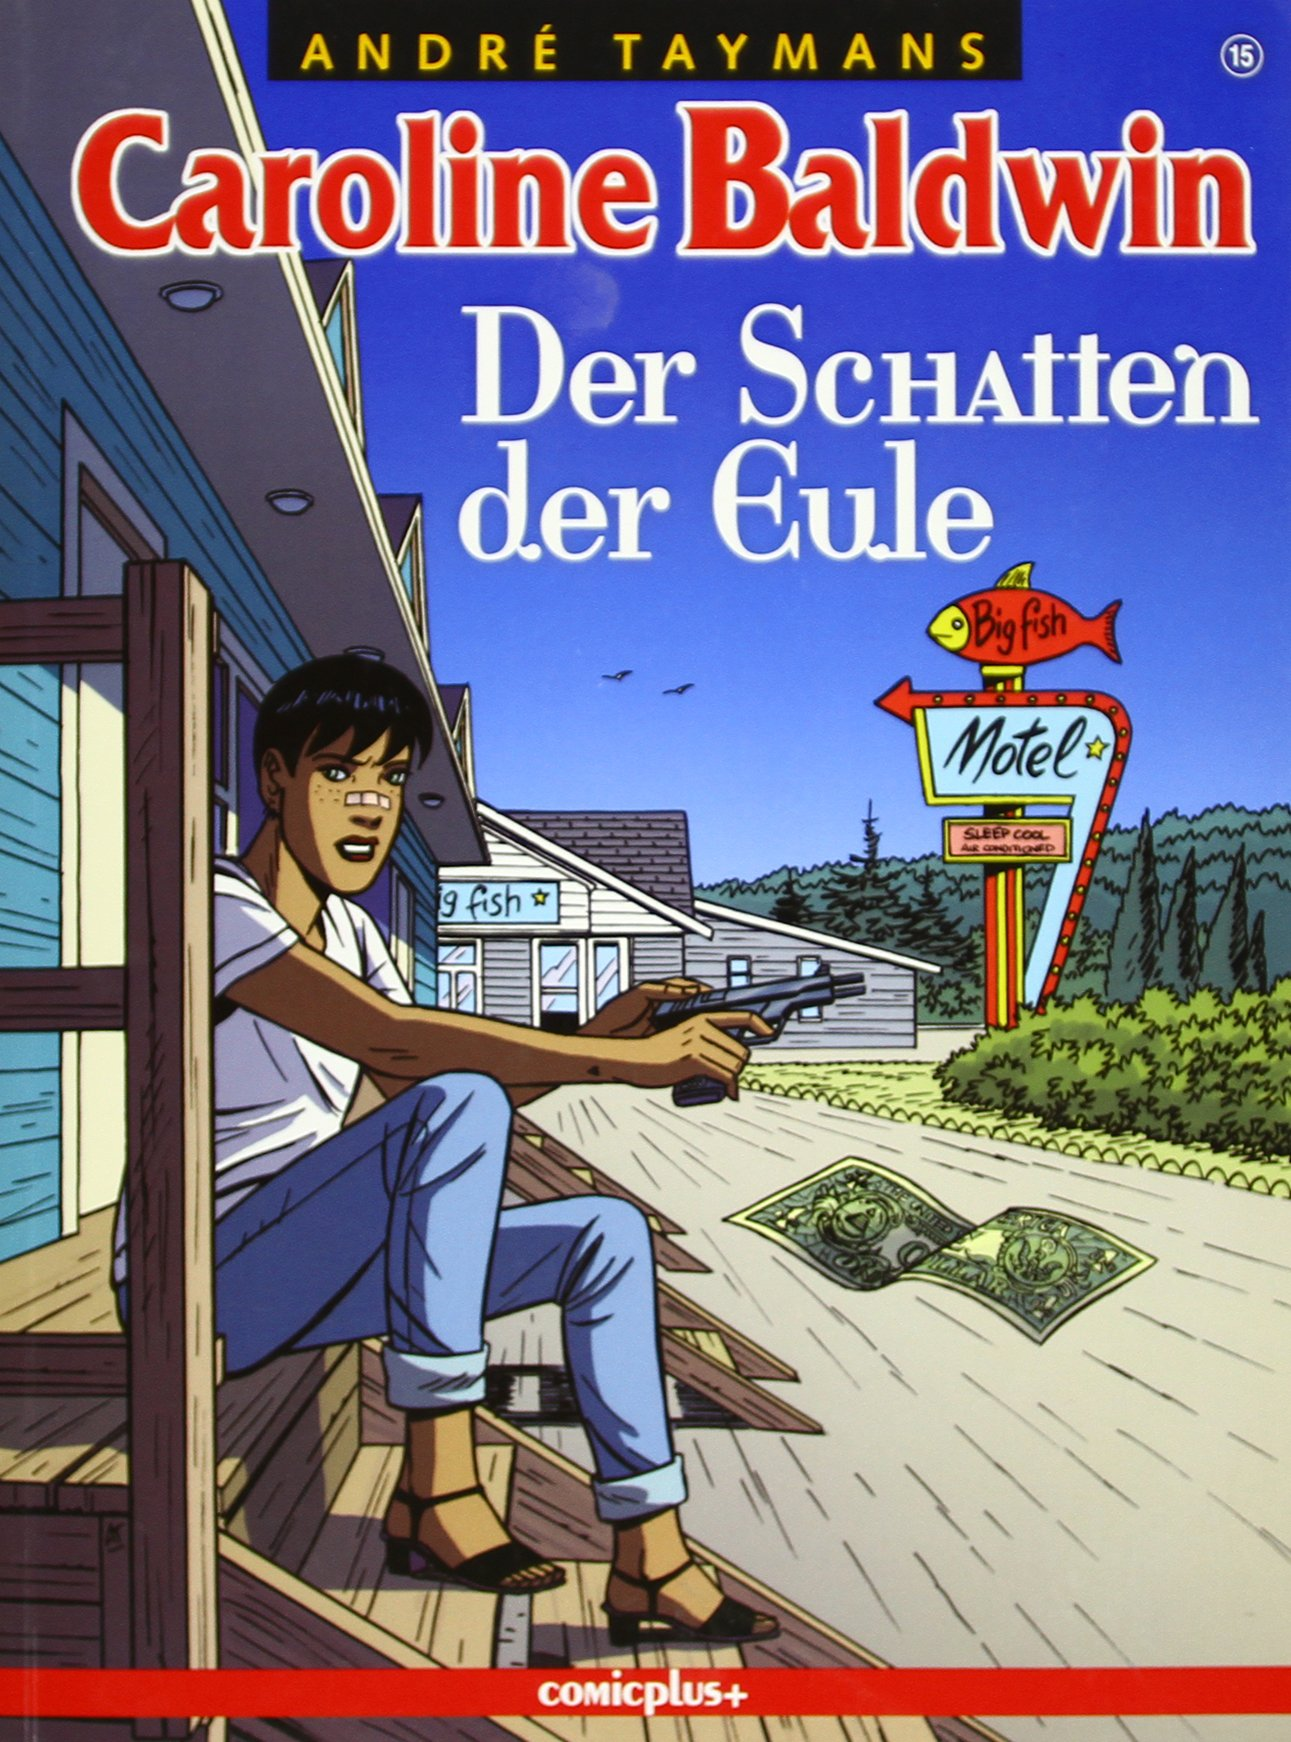 Caroline Baldwin - Der Schatten der Eule Taschenbuch – 2014 André Taymans Comicplus+ 3894742526 Comics; Krimis/Thriller